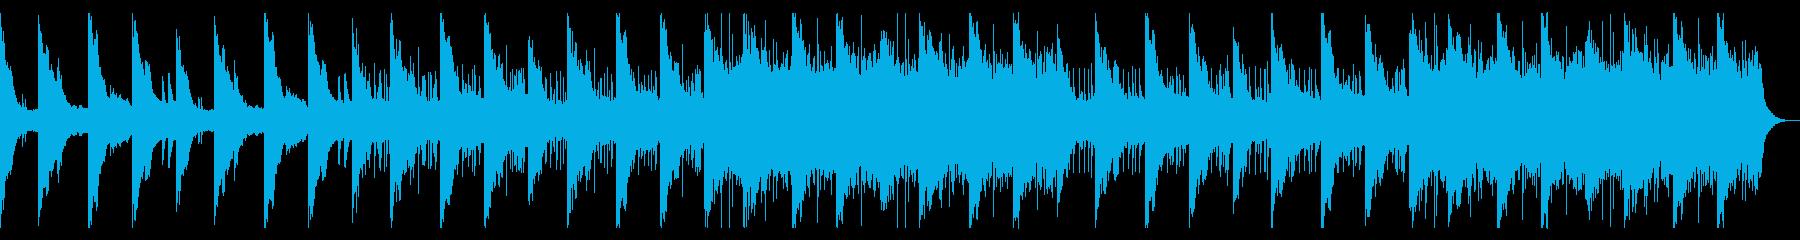 壮大。荘厳。エピックテイストBGM。の再生済みの波形